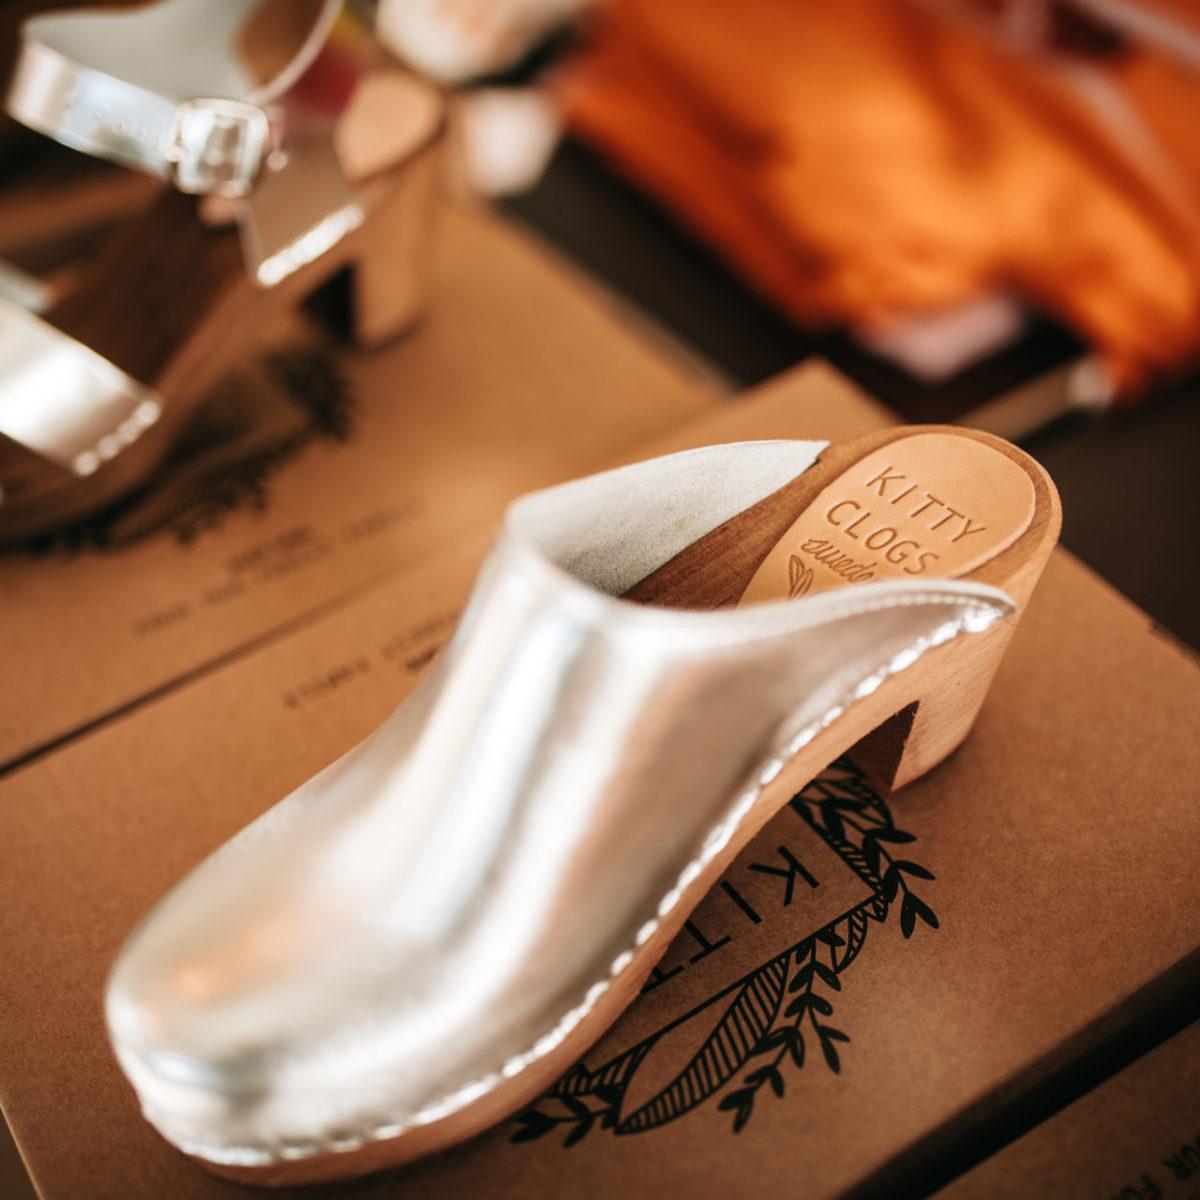 Inside Living Onlineshop Damenmode Damenbekleidung Lifestyle Mode Moenchengladbach Schuhe